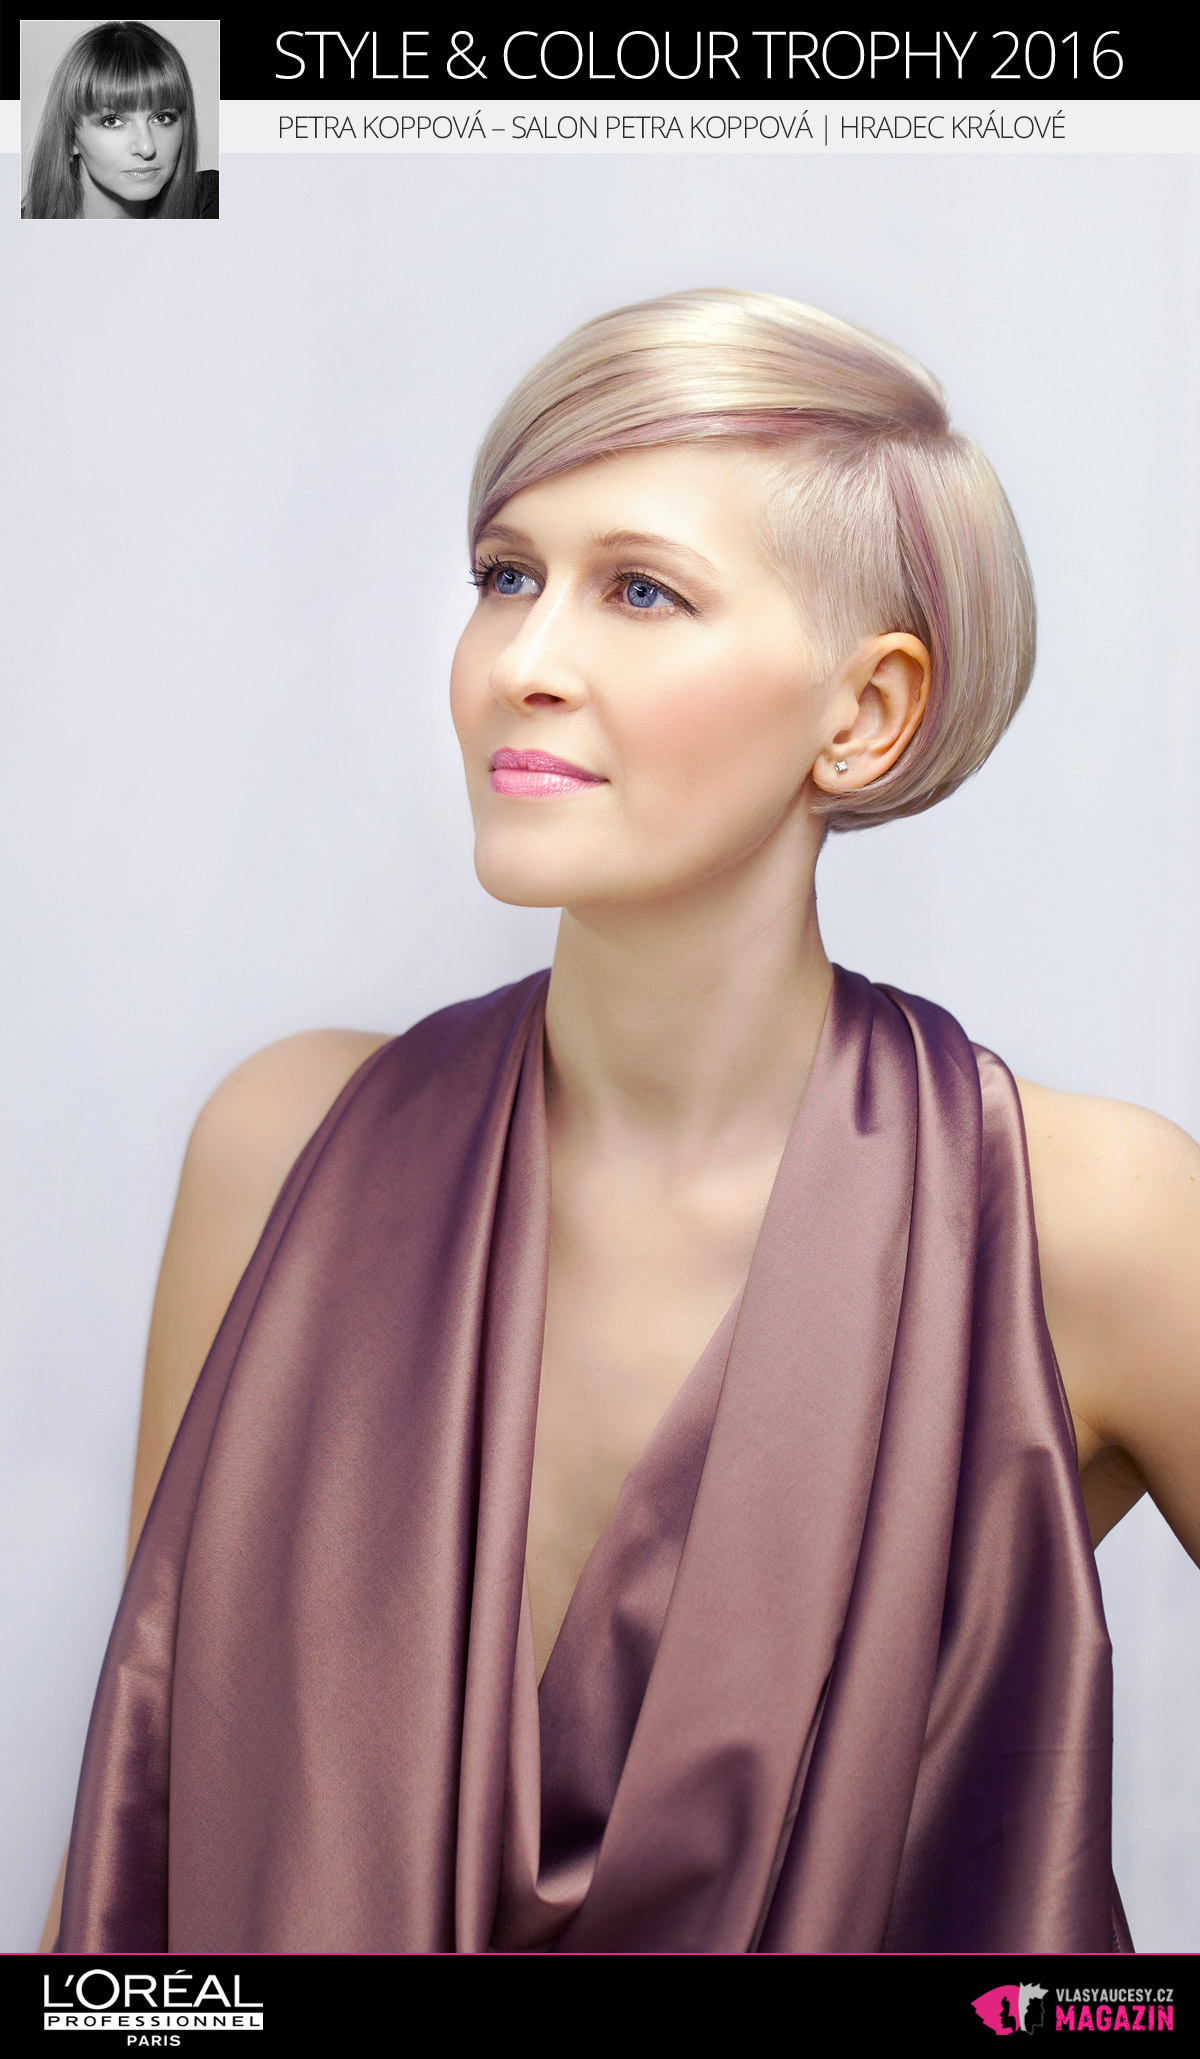 Petra Koppová – Salon Petra Koppová, Hradec Králové   L'Oréal Style & Colour Trophy 2016